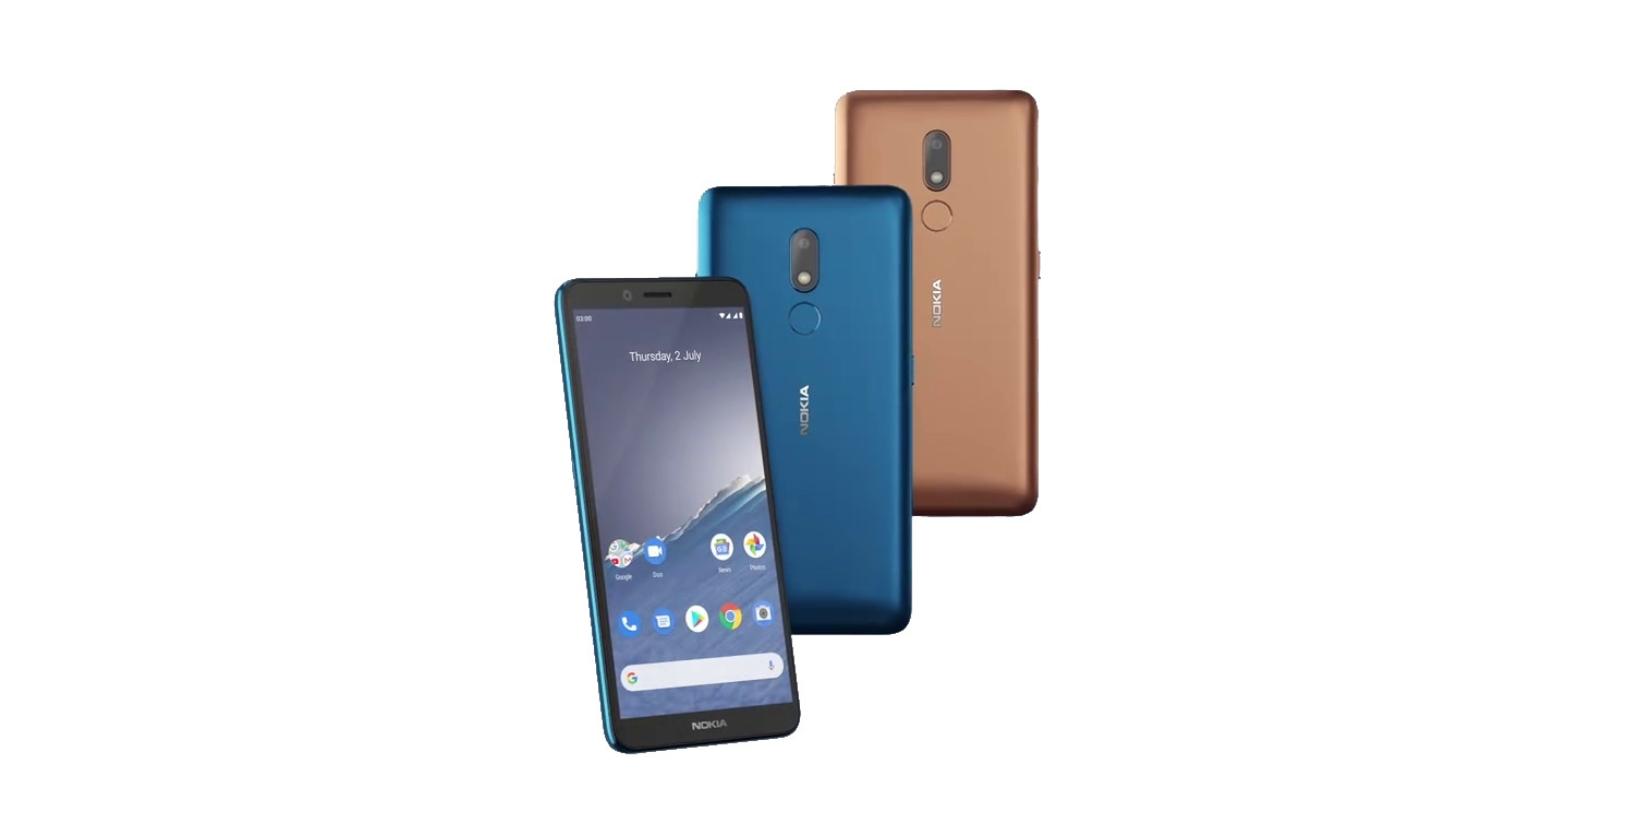 Nokia C3 představena, nabízí jen nutný základ